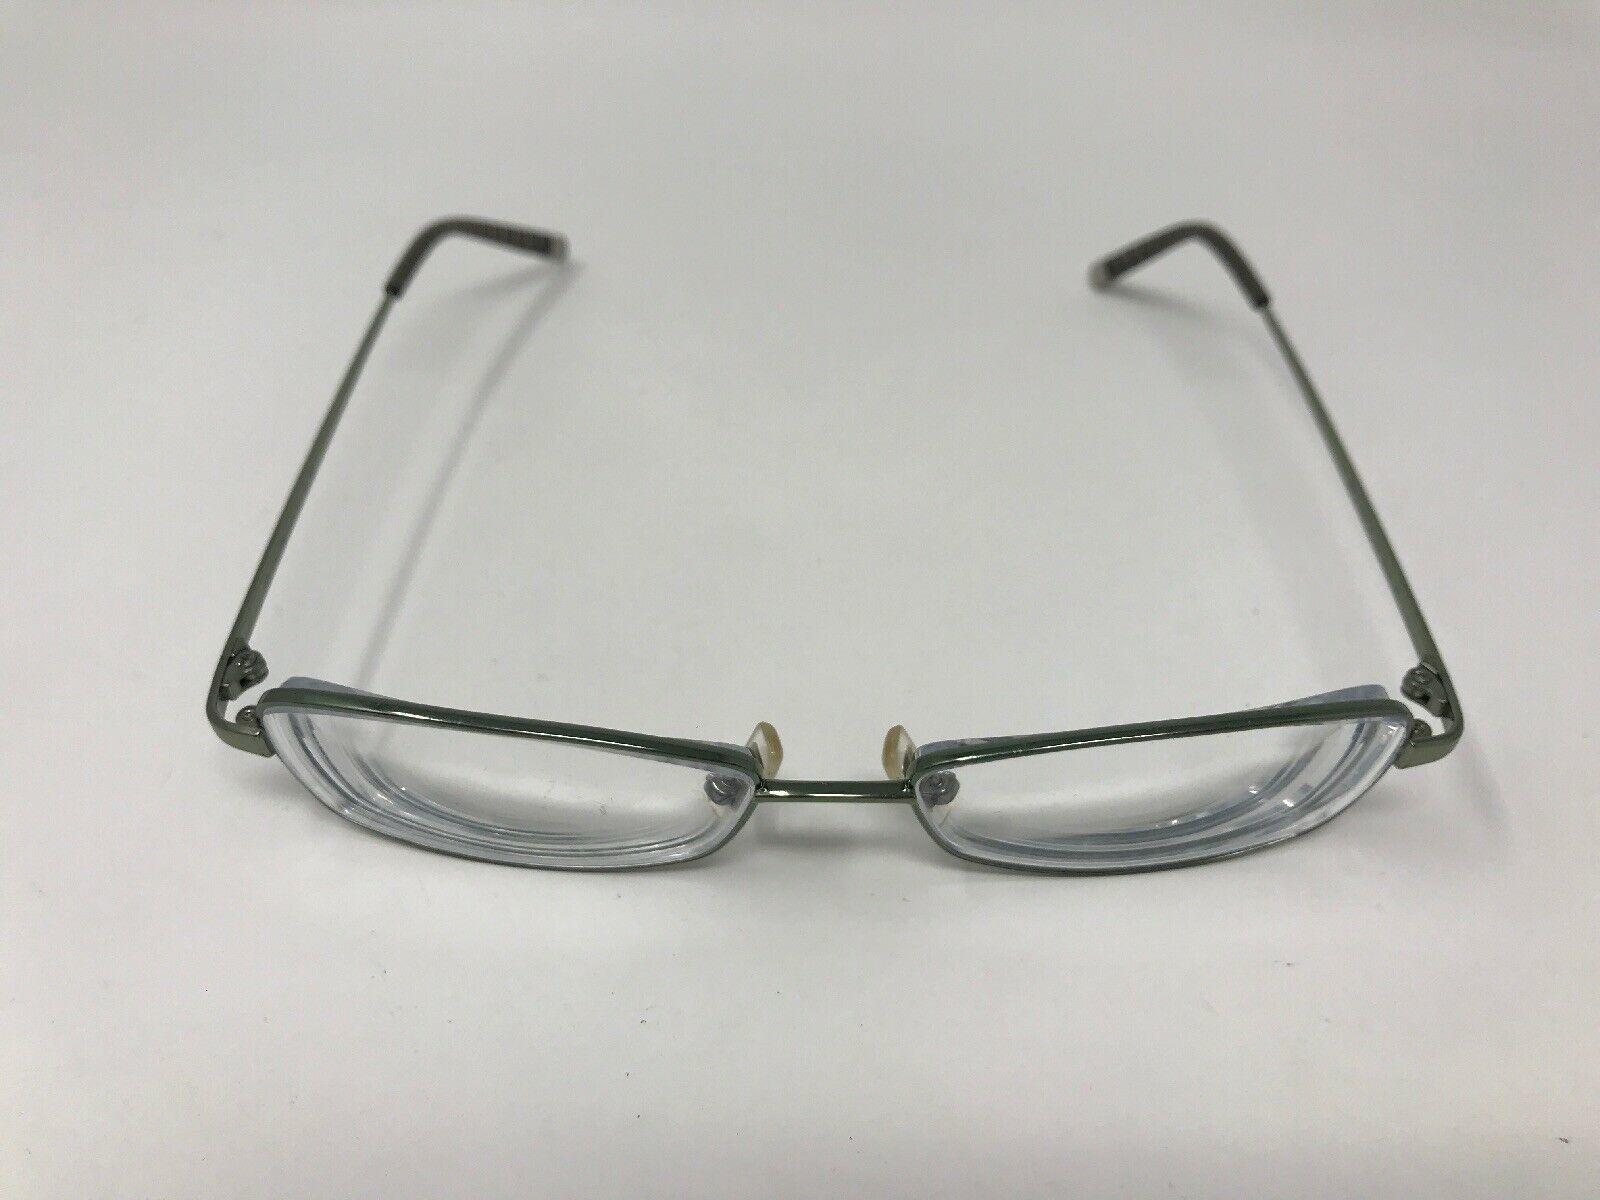 CALVIN KLEIN Eyeglasses Frame Collection 951 508 Japan Titanium 51-15-135 JA37